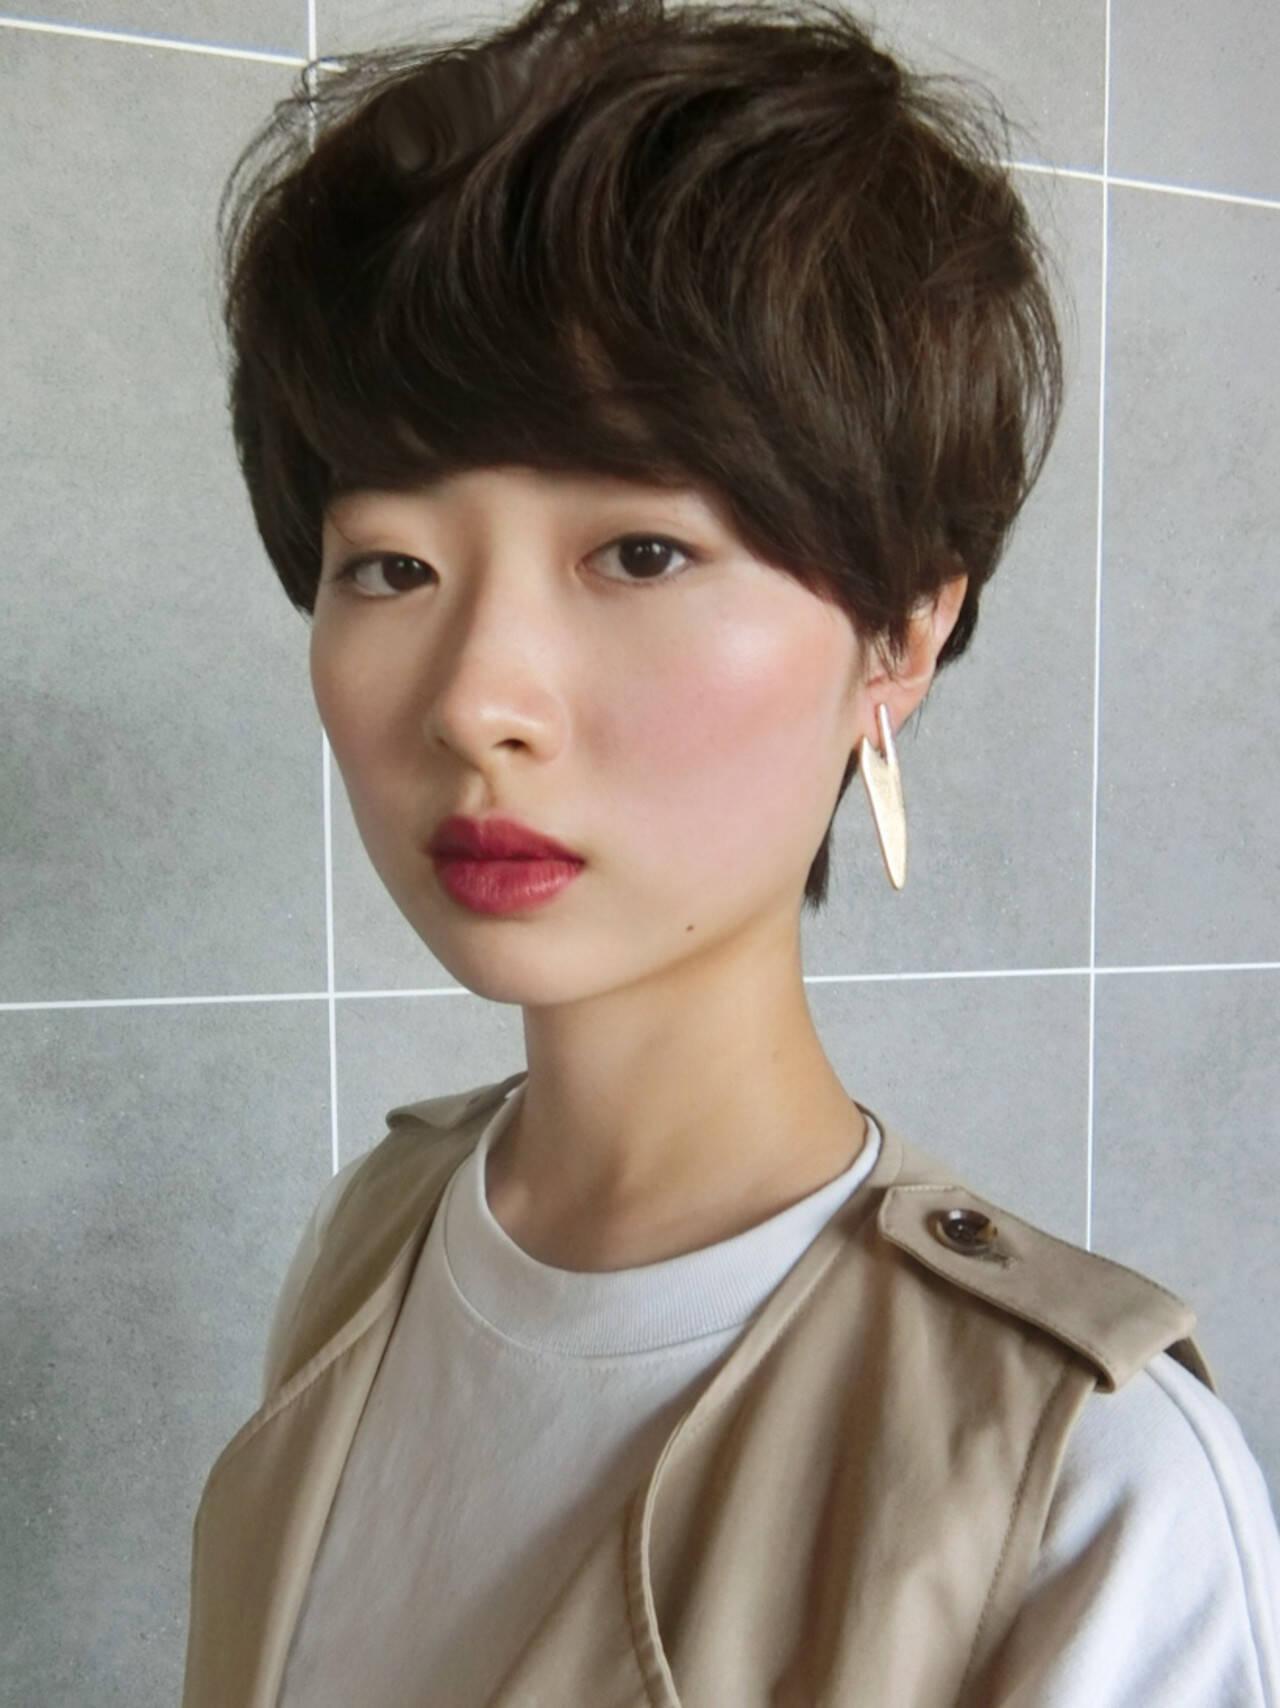 大人ショート ショート マッシュ 重めバングヘアスタイルや髪型の写真・画像